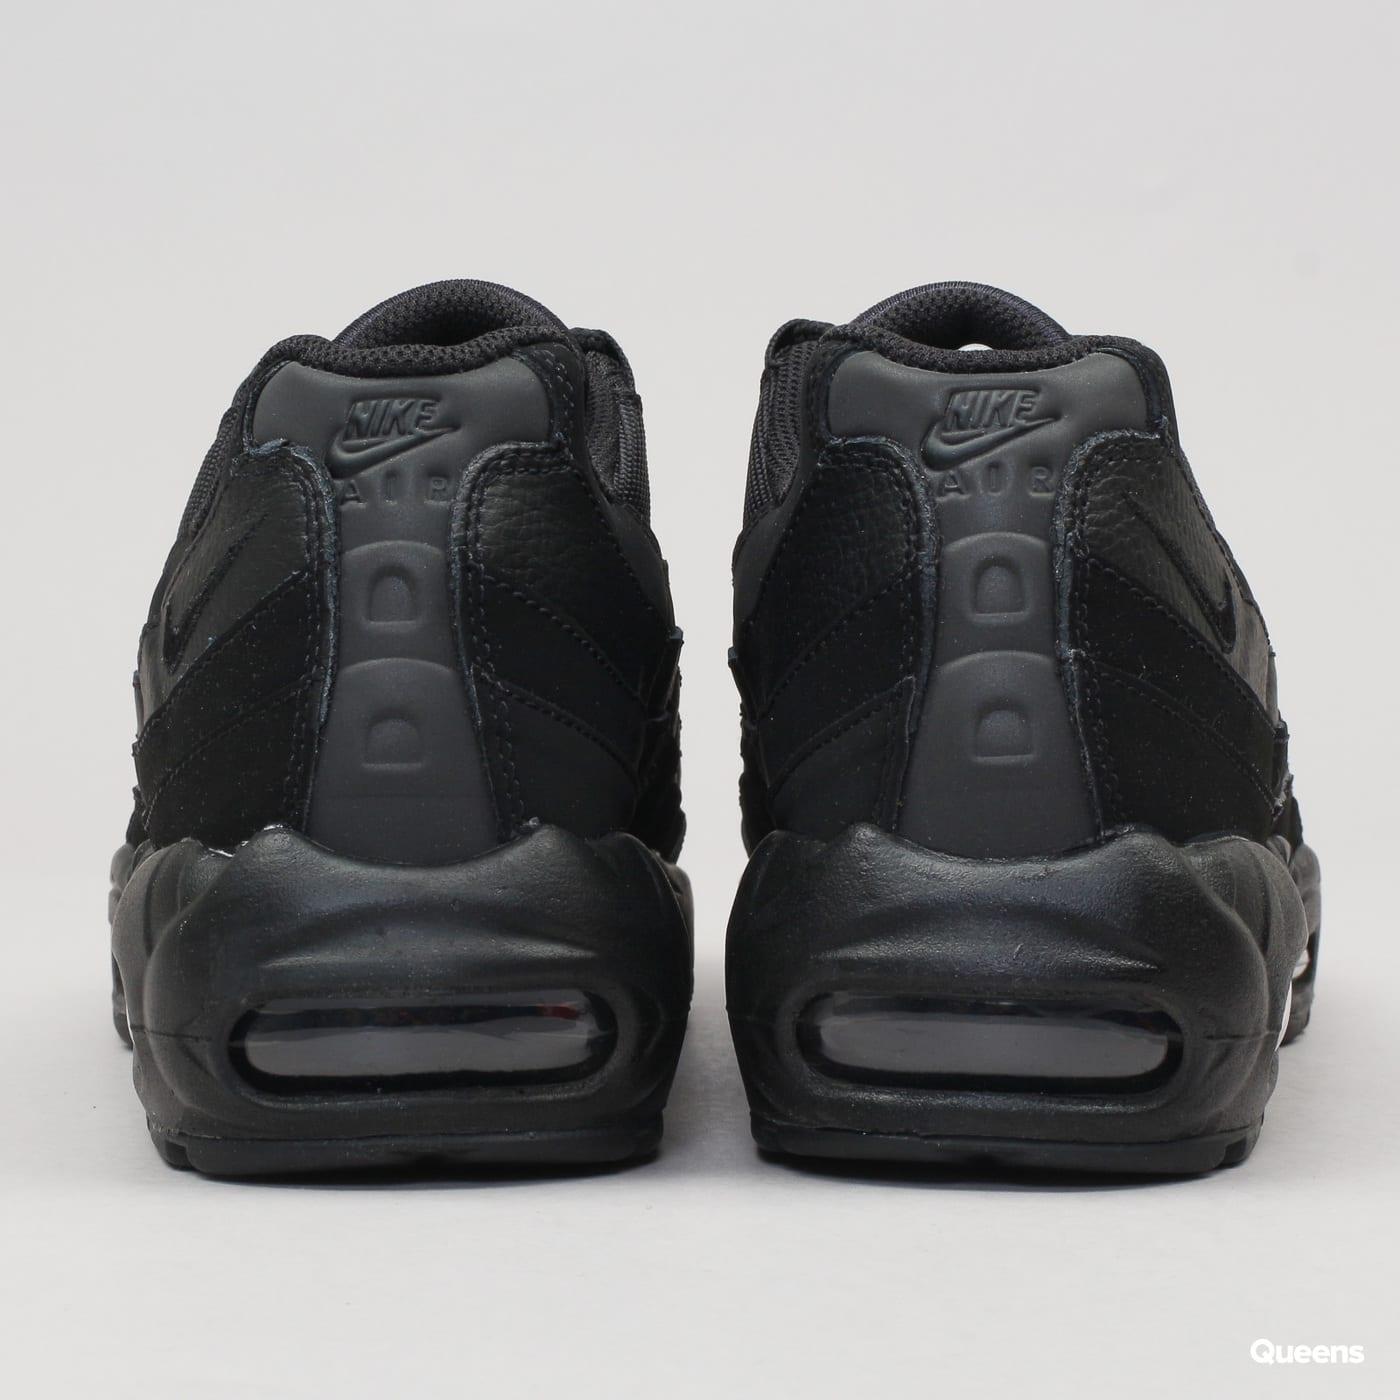 Nike Air Max 95 schwarz / schwarz - anthrazit